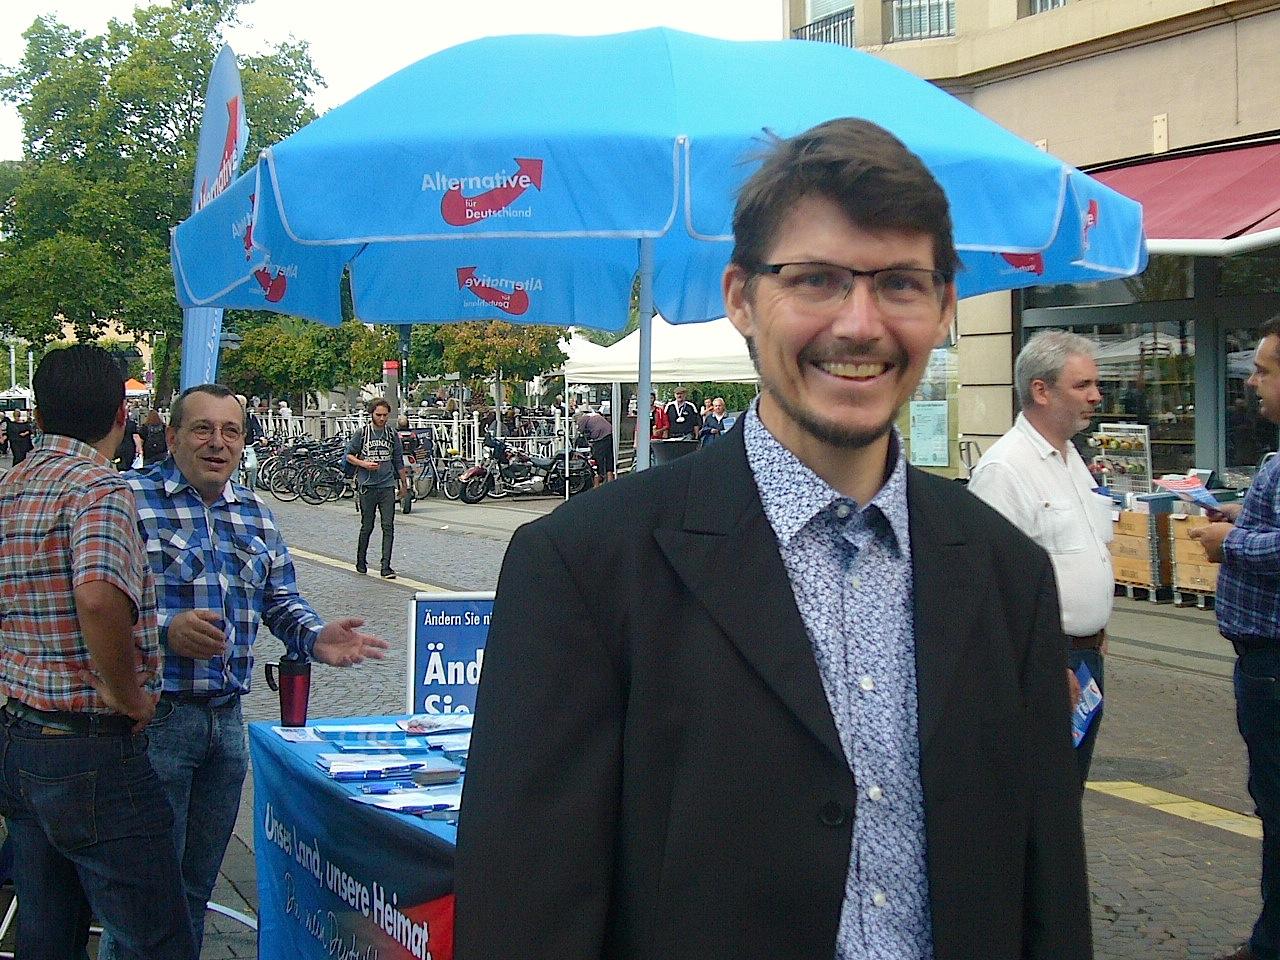 Stadtrat Dr. Paul Schmidt am Infostand auf dem Karlsruher Ludwigsplatz / Foto: AfD-Gemeinderat Karlsruhe